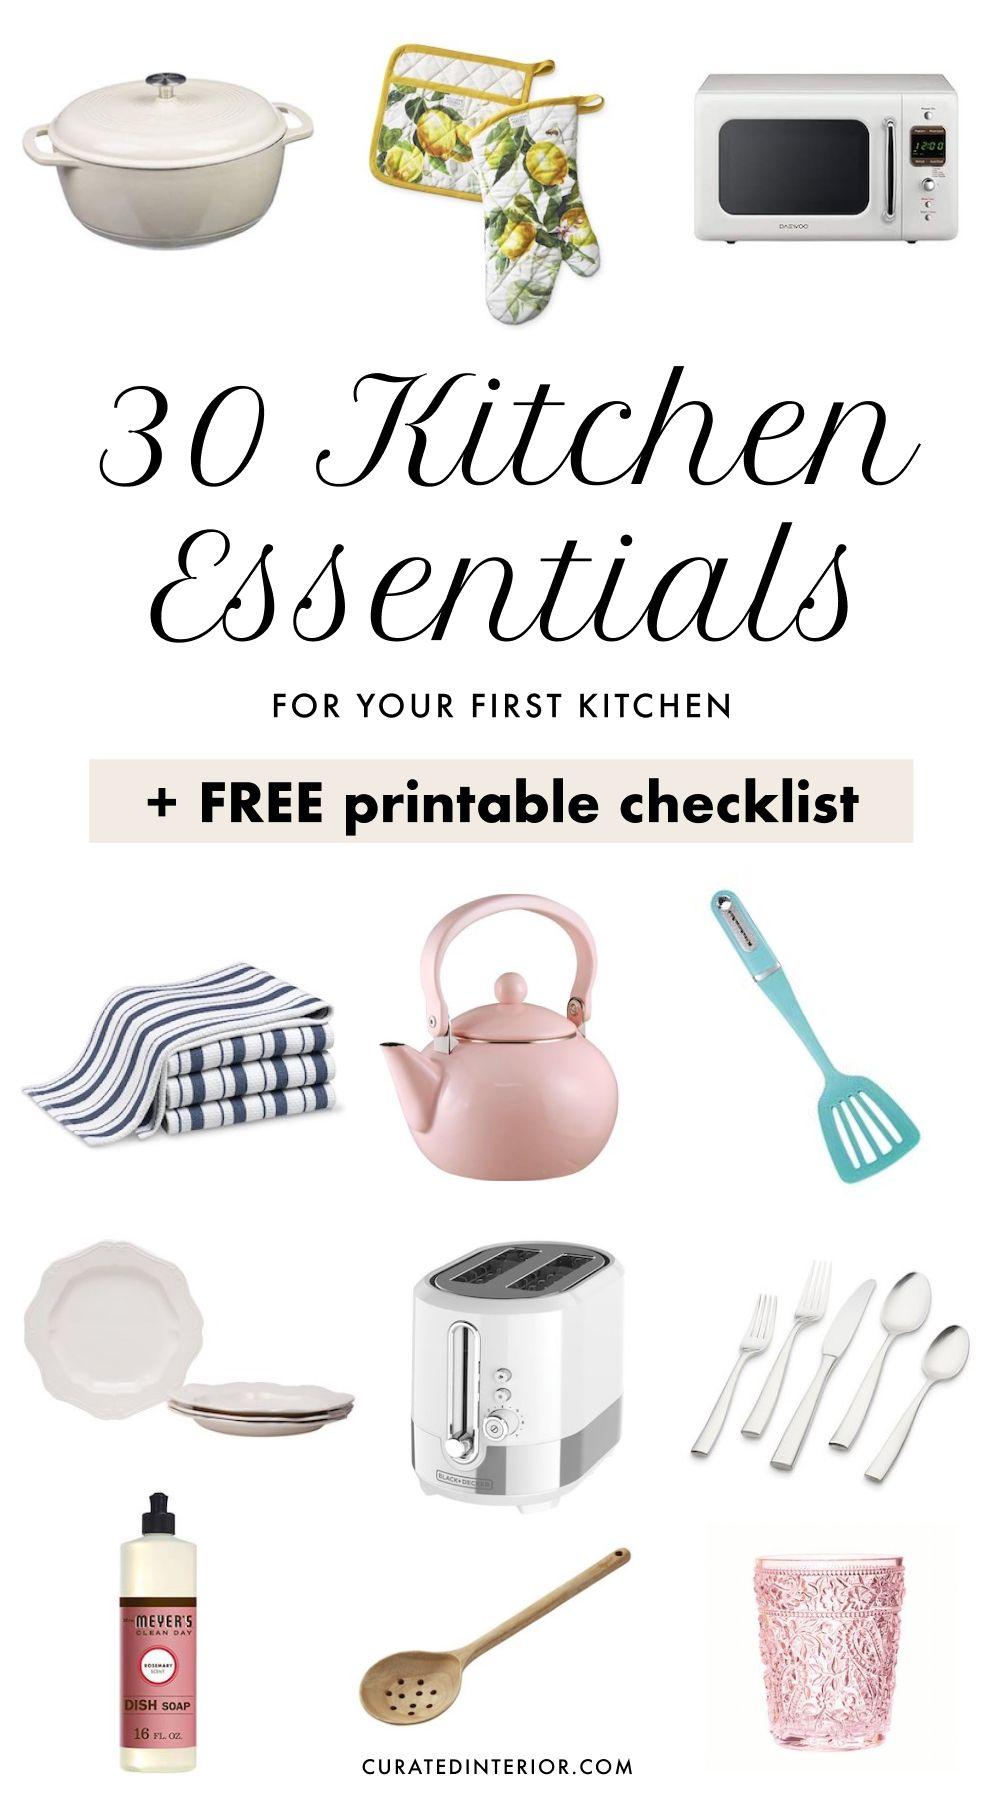 30 Kitchen Essentials